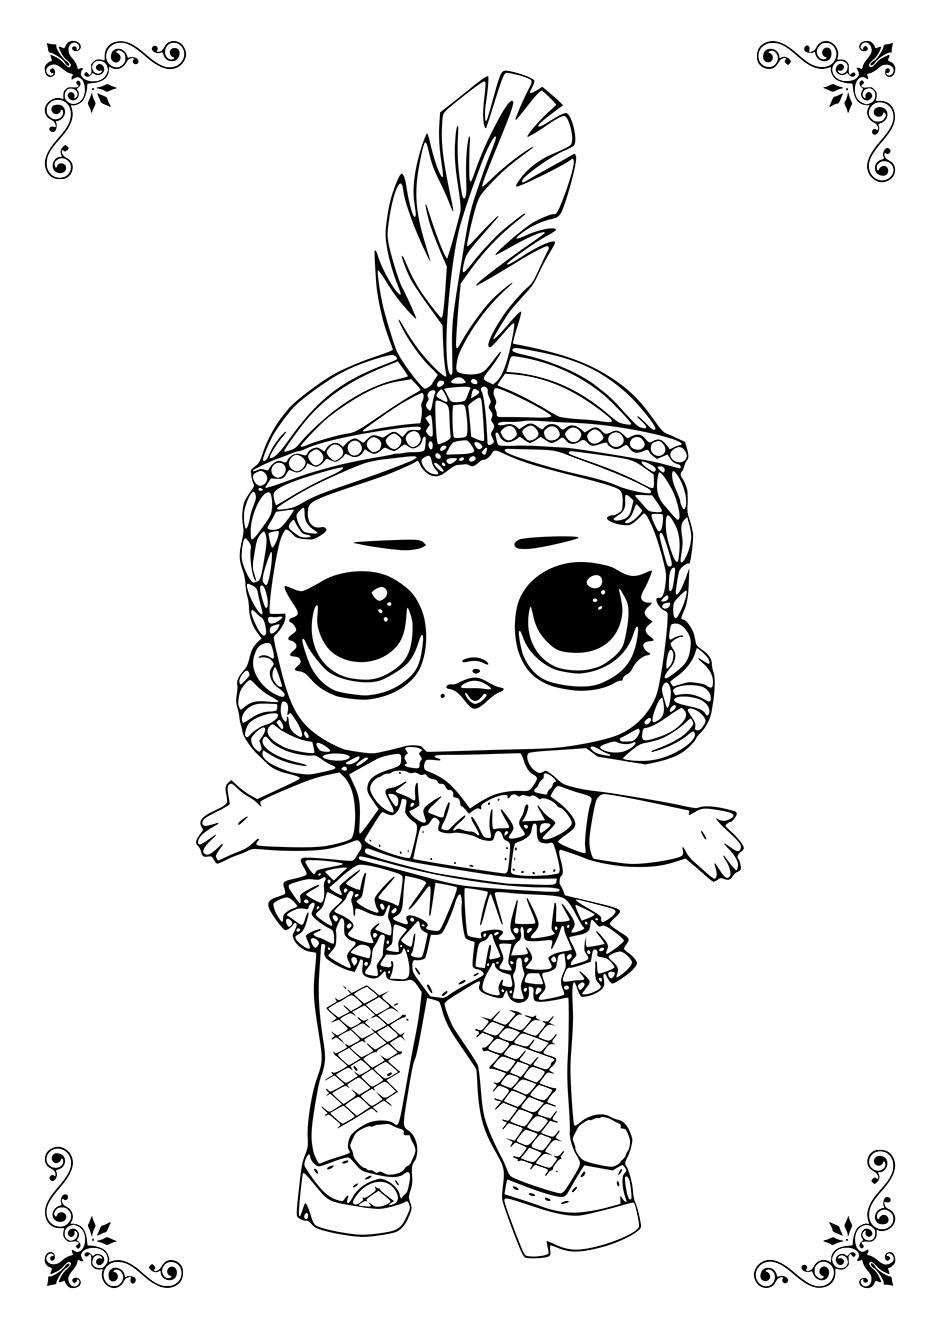 Раскраска: кукла ЛОЛ с пером на голове — raskraski-a4.ru